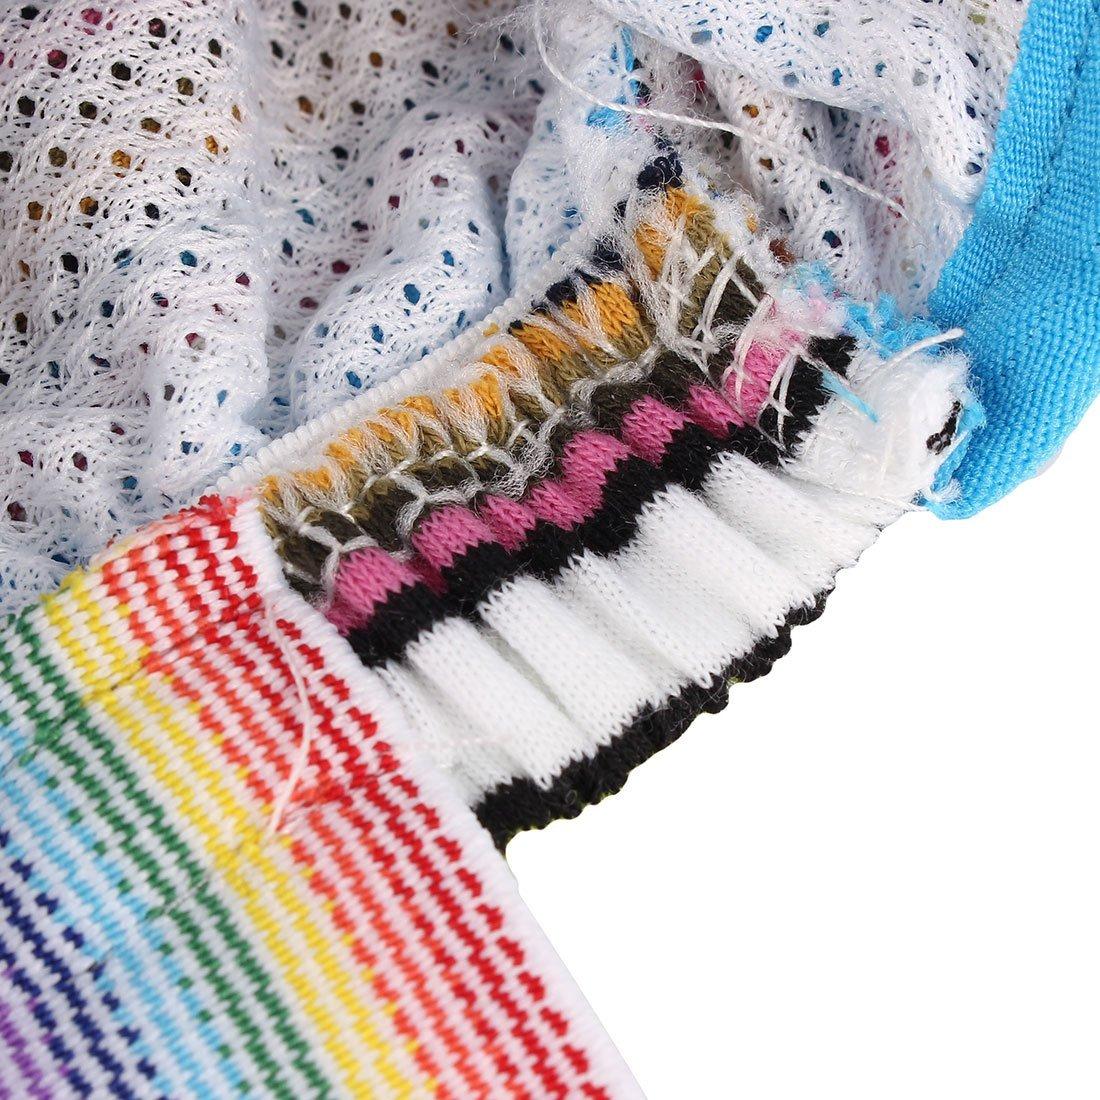 Amazon.com : eDealMax Mezclas de algodón Para mascotas Sanitaria bragas de la ropa Interior Ropa De Perro Perro de pañales Pantalones S Azul : Pet Supplies